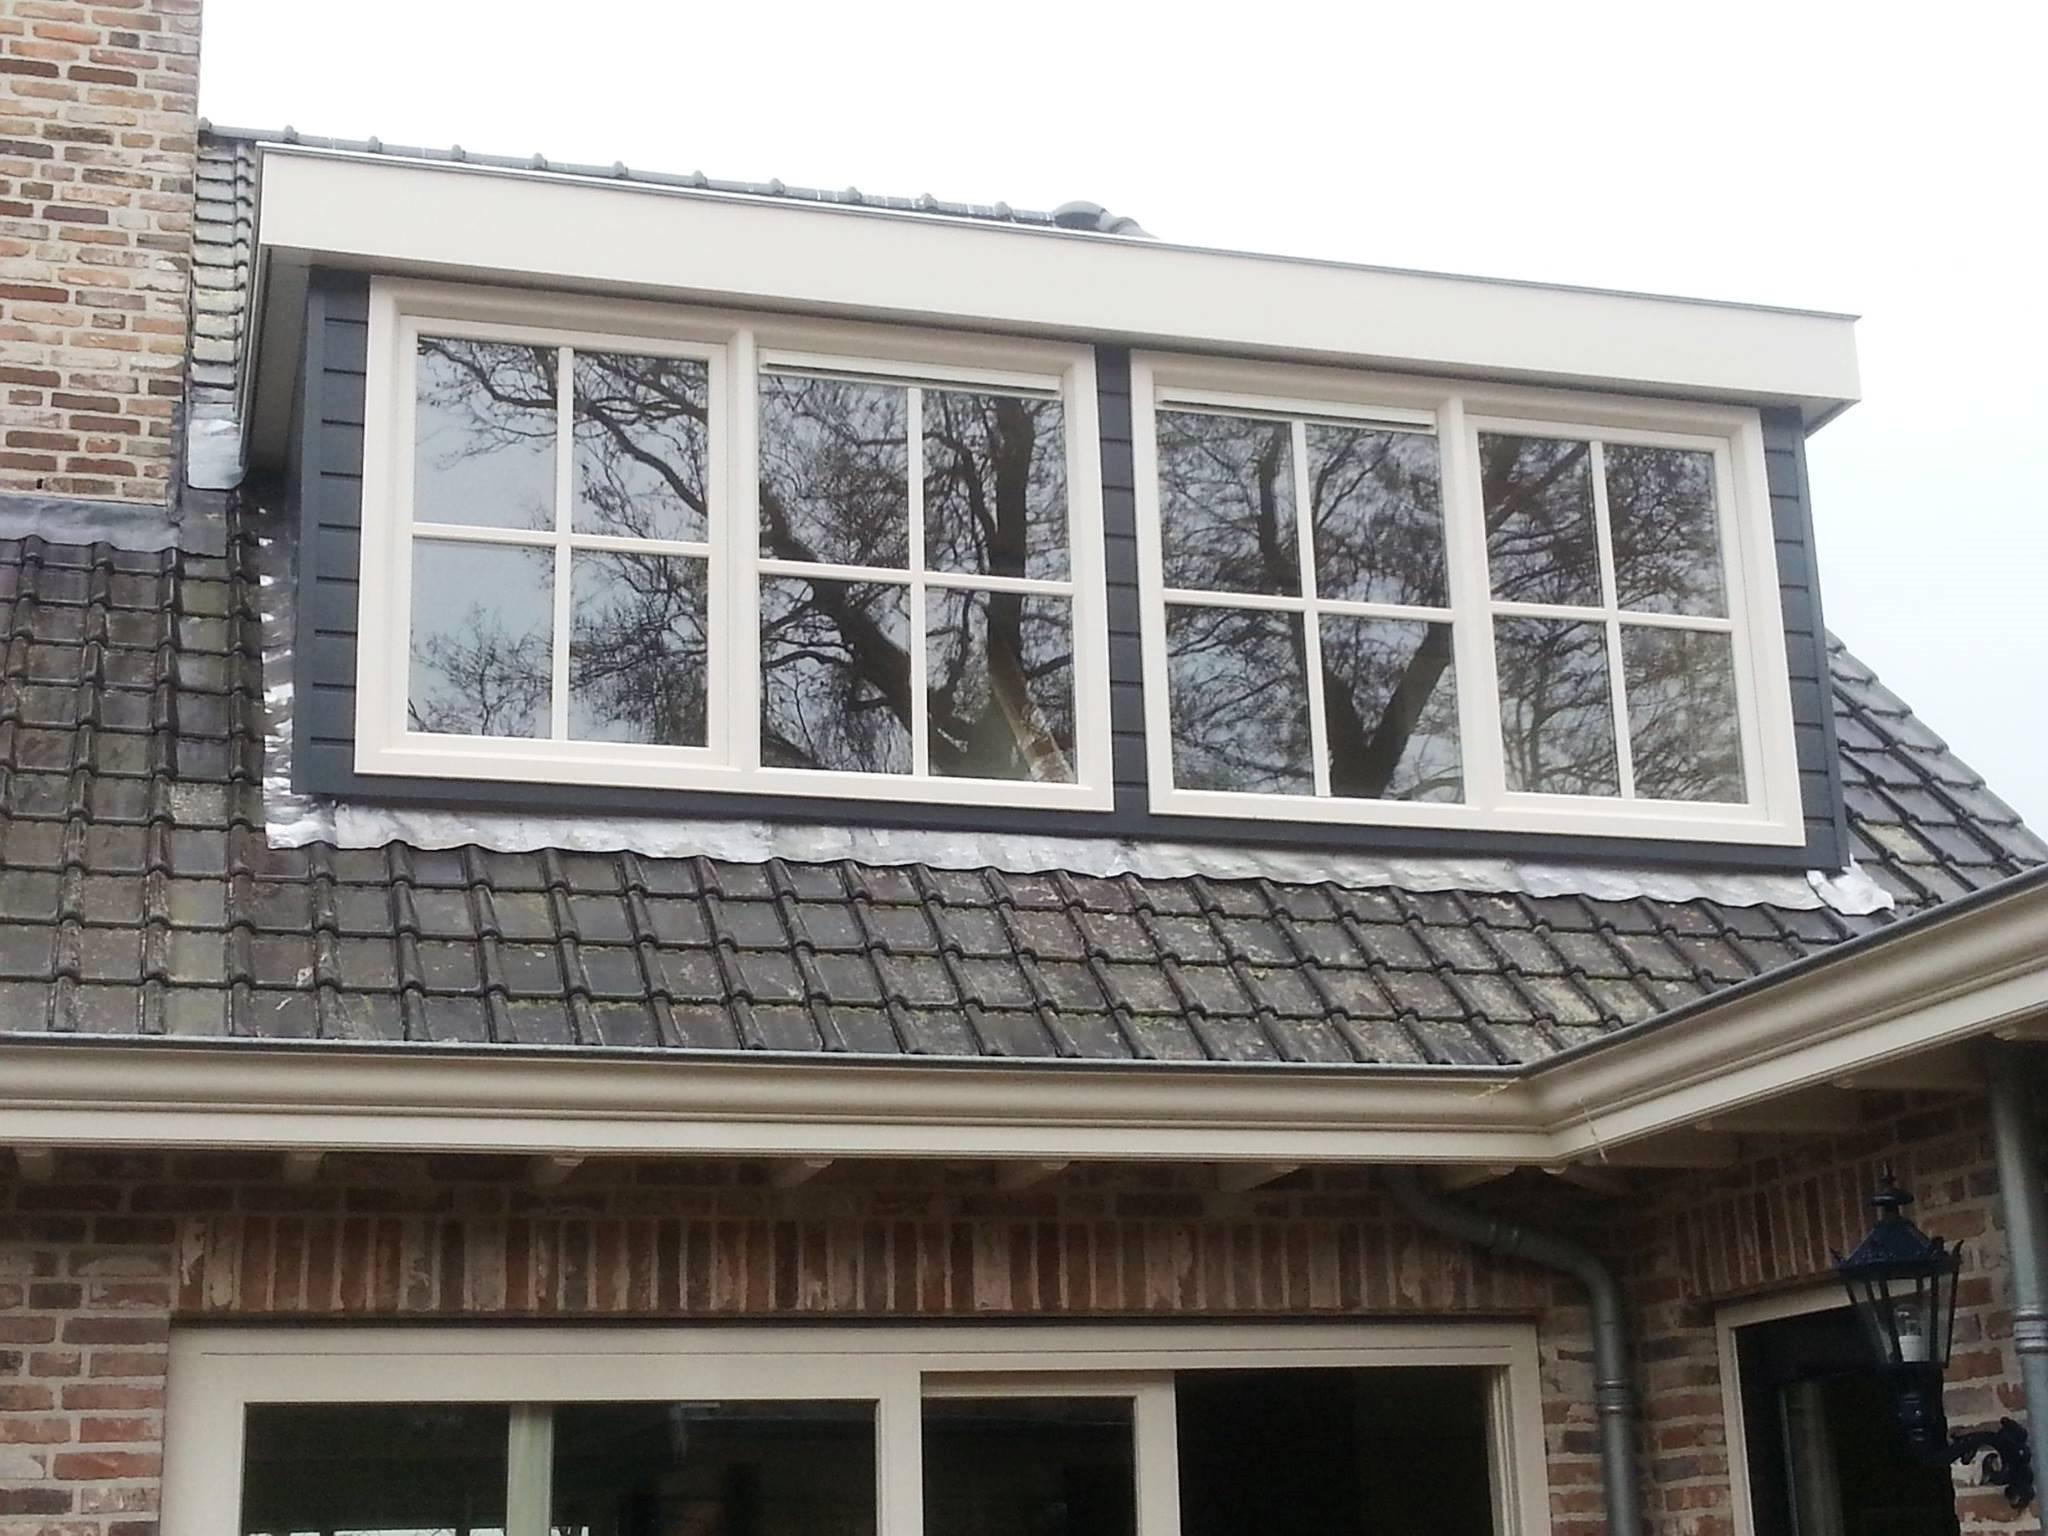 OPTIMUM Renovatie, bouw & vastgoedonderhoud Zoetermeer (img nr 6)